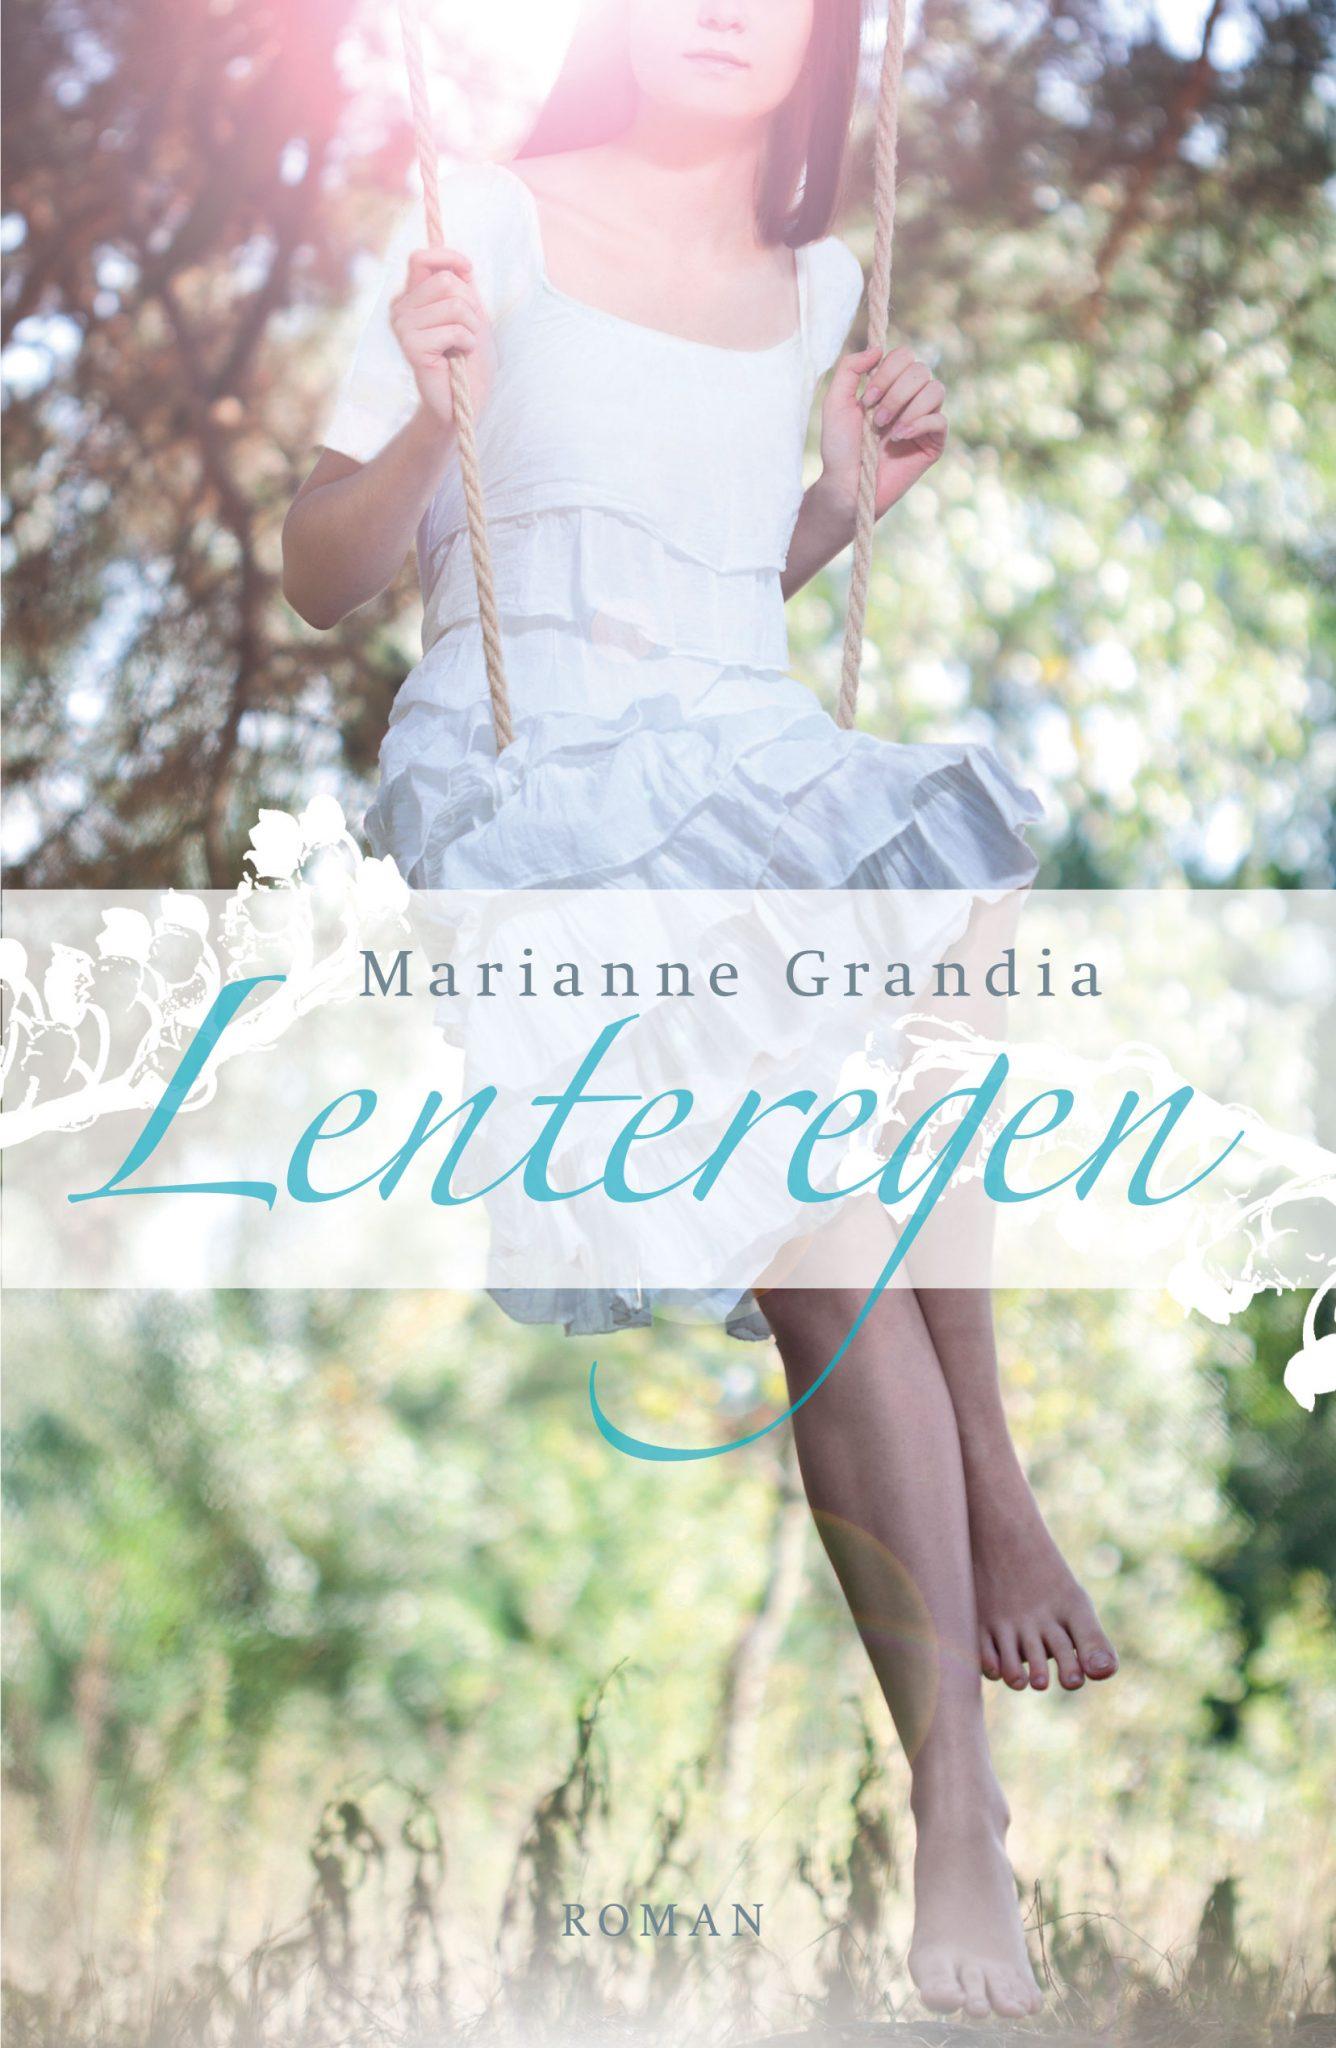 lentregen_mgps